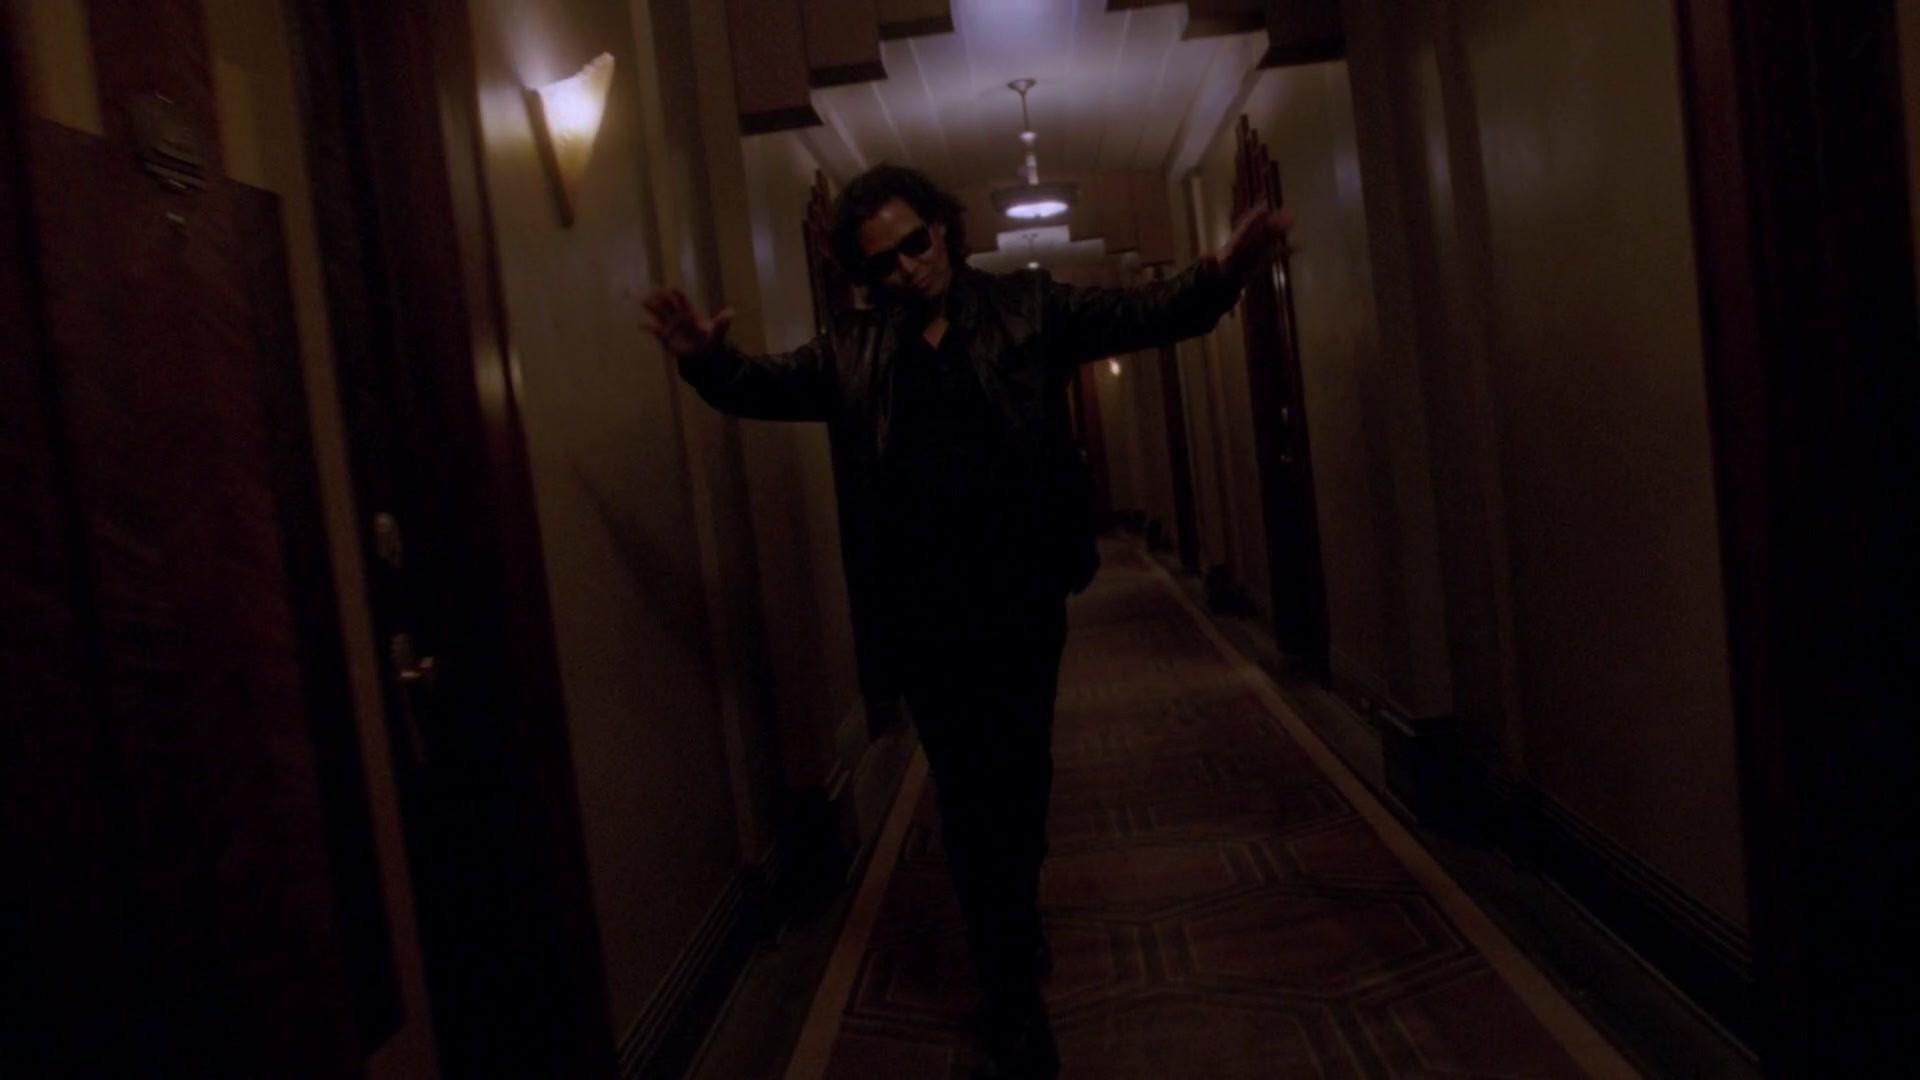 American_Horror_Story_Hotel_S05E04_1080p__0069  American_Horror_Story_Hotel_S05E04_1080p__0157  American_Horror_Story_Hotel_S05E04_1080p__1001 …